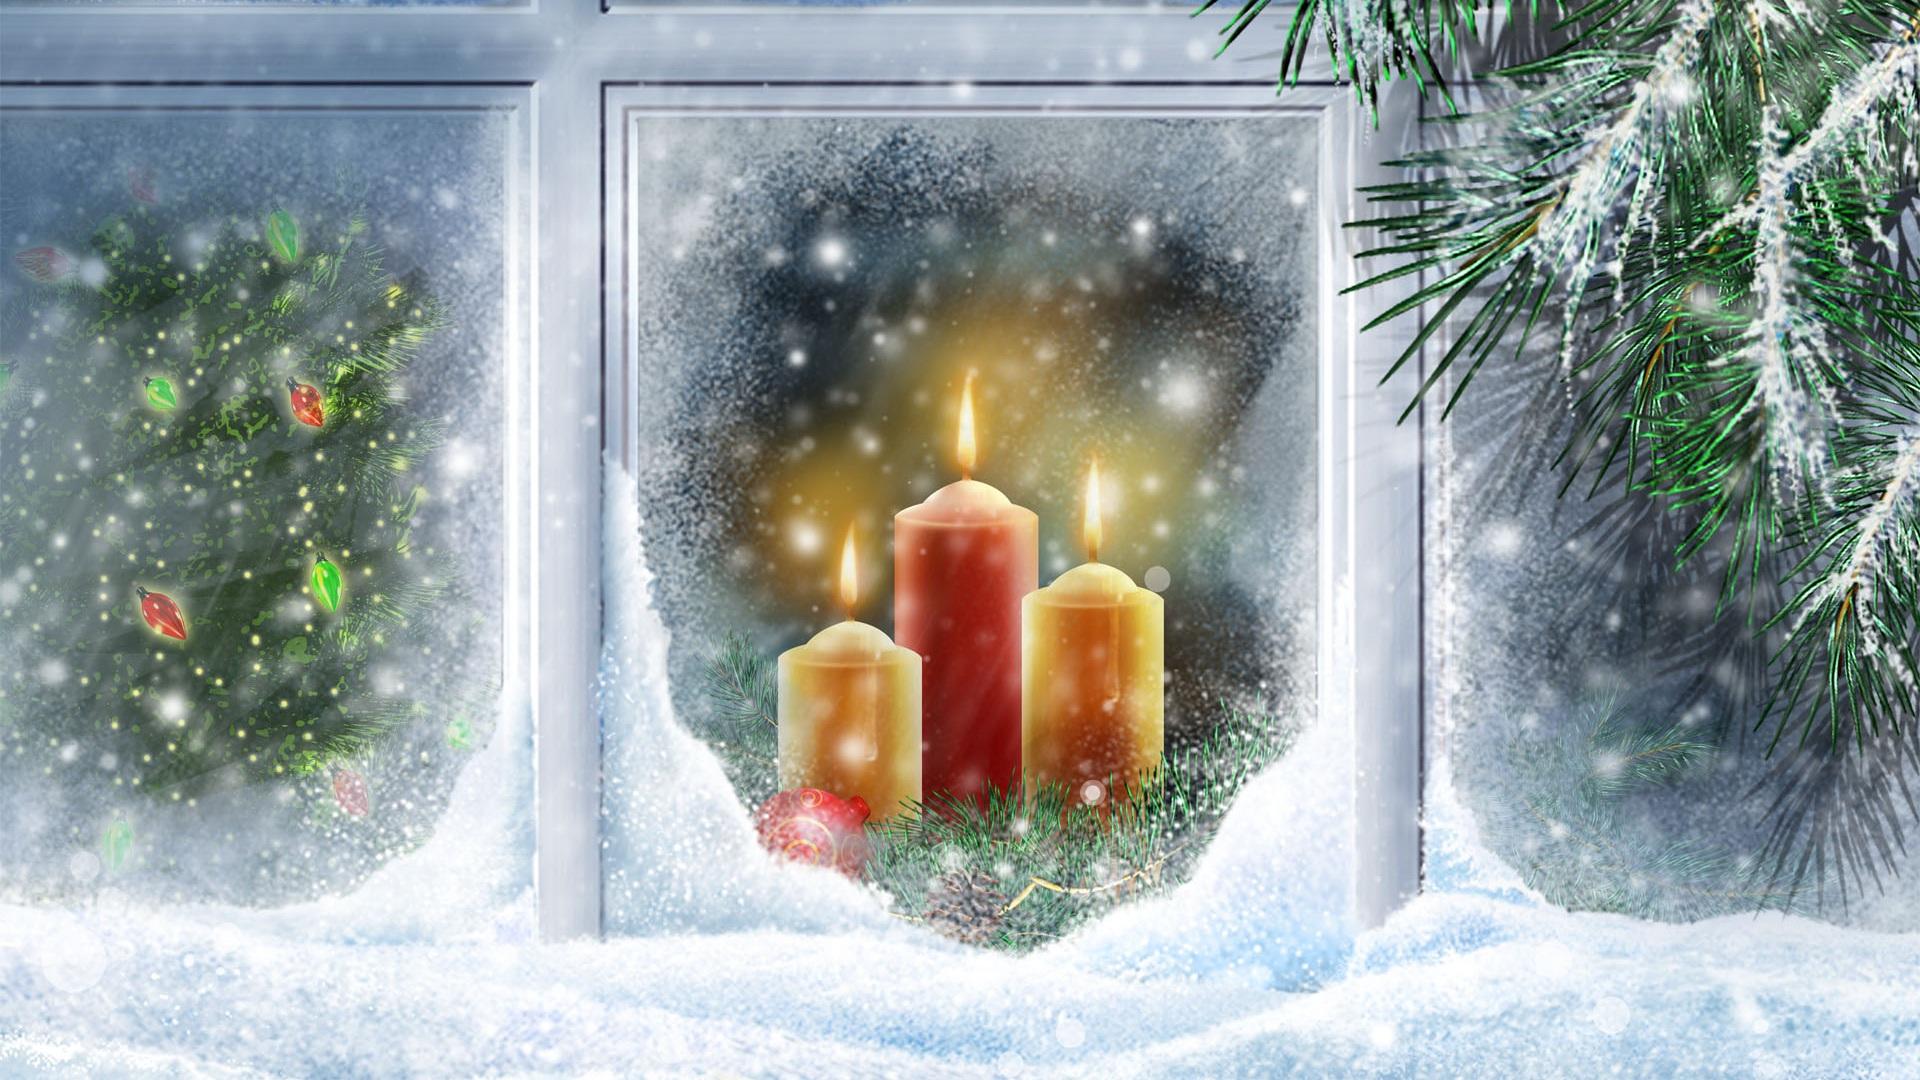 Hintergrundbild weihnachten 1920x1080